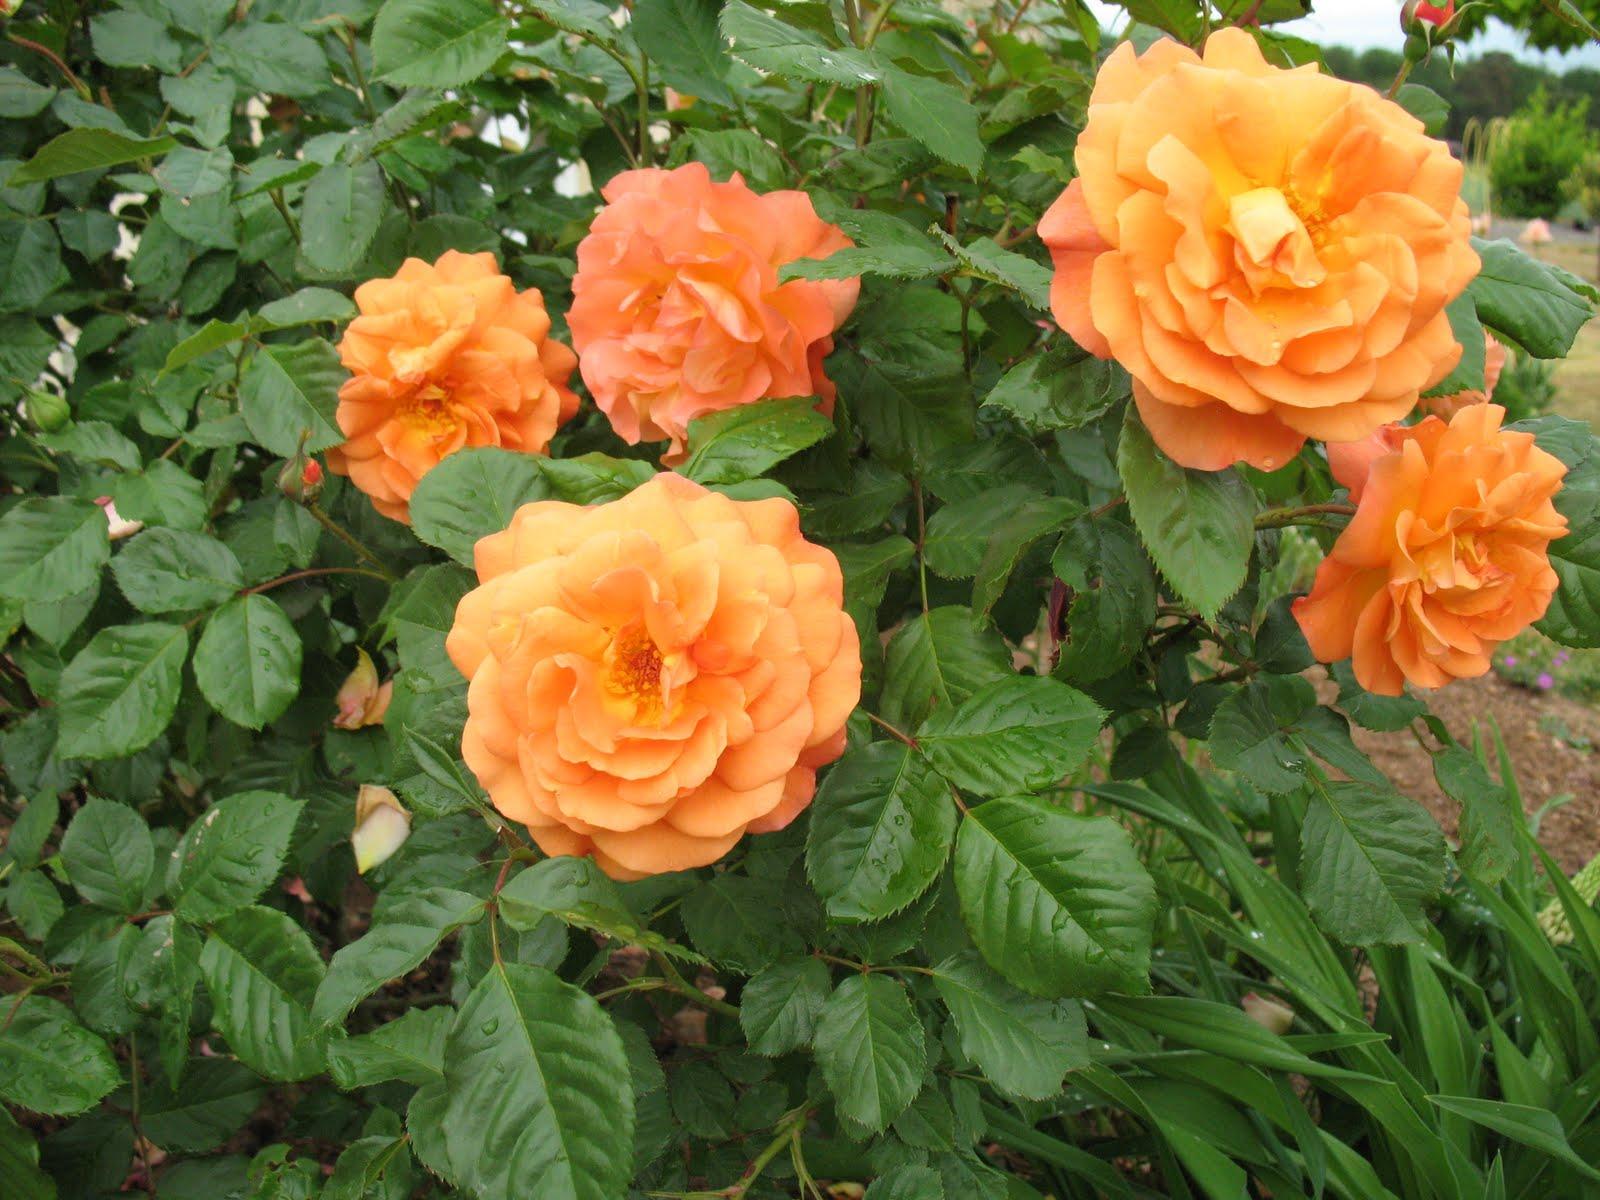 roses du jardin ch neland bouquet de roses et g ranium. Black Bedroom Furniture Sets. Home Design Ideas